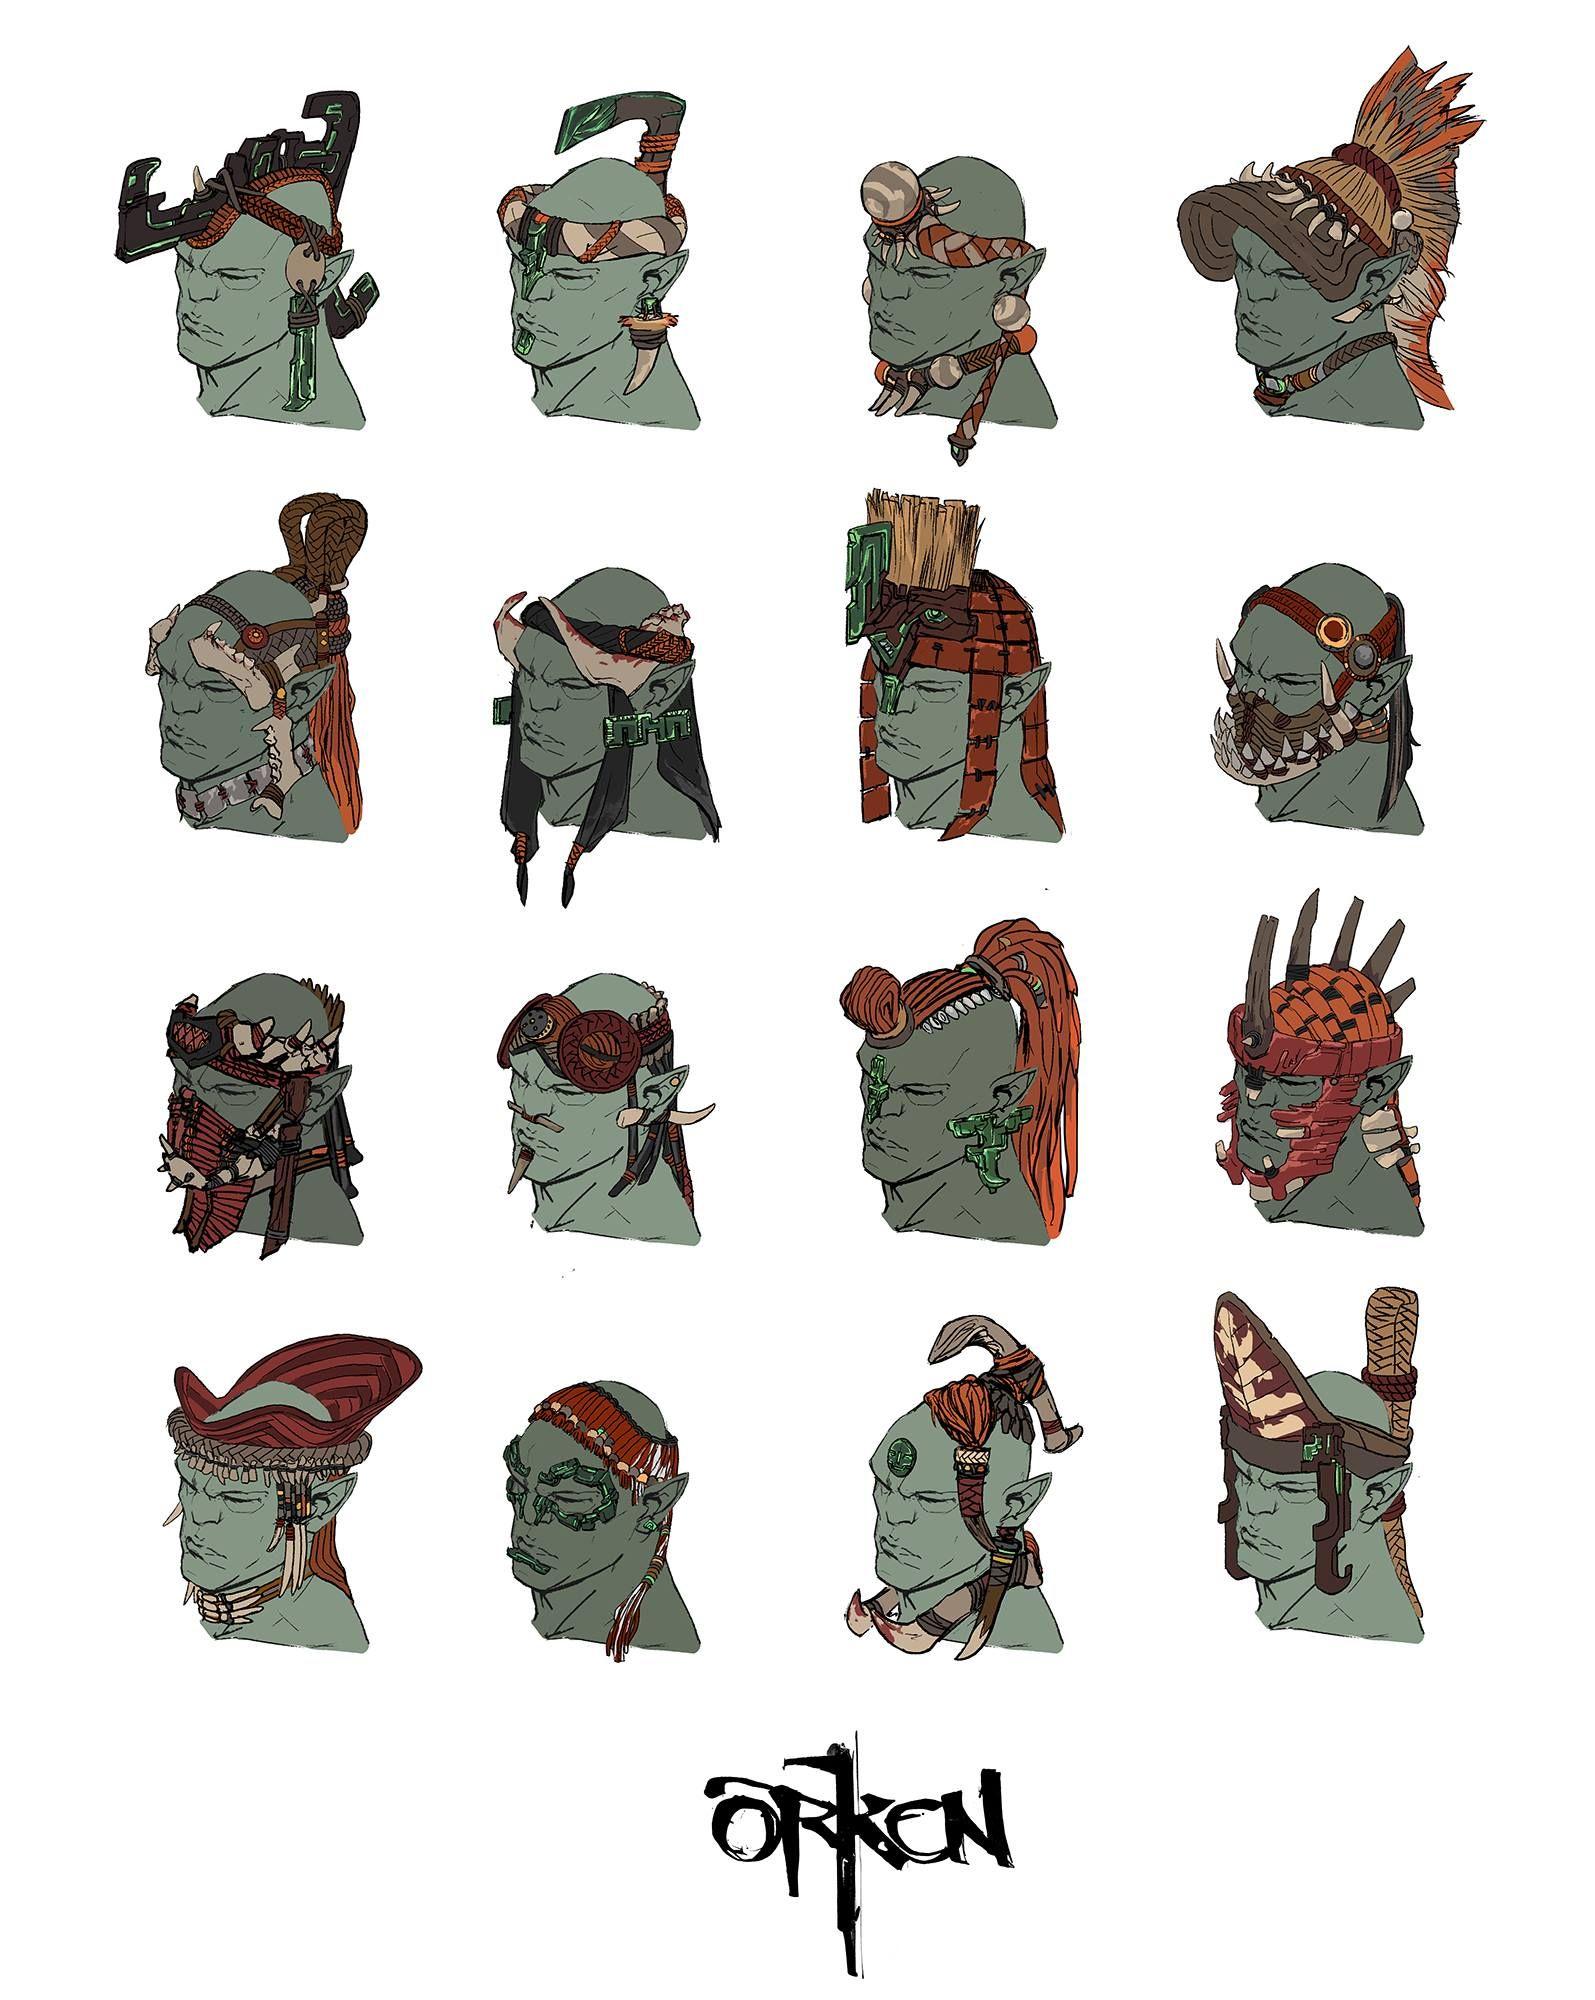 Character Design Quarterly Vk : Orken concept art photos vk barbarian